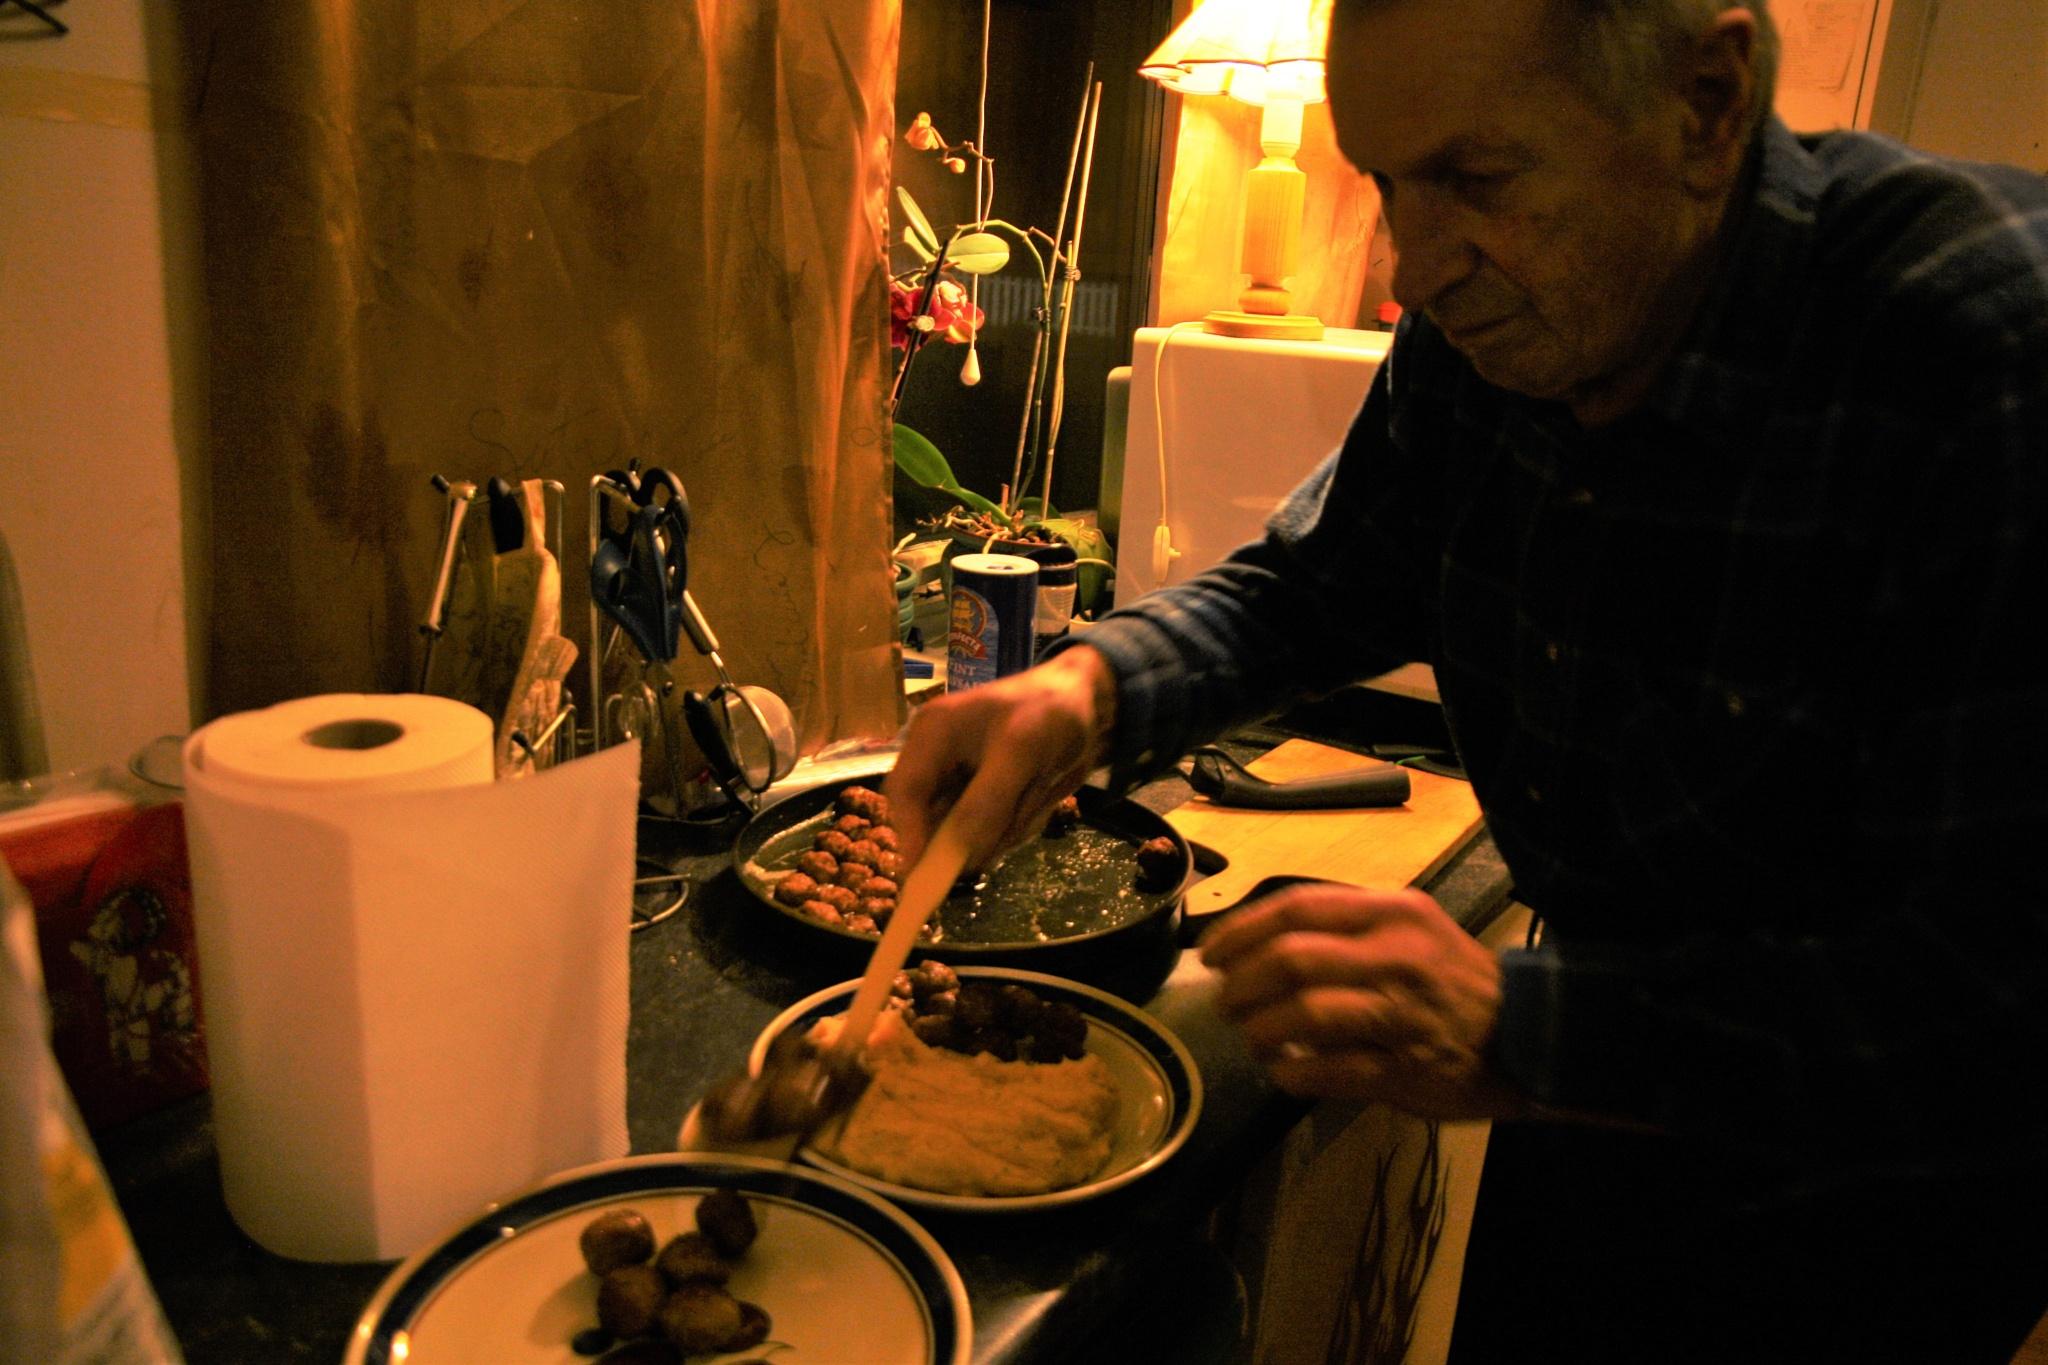 cooking by vidar mathisen